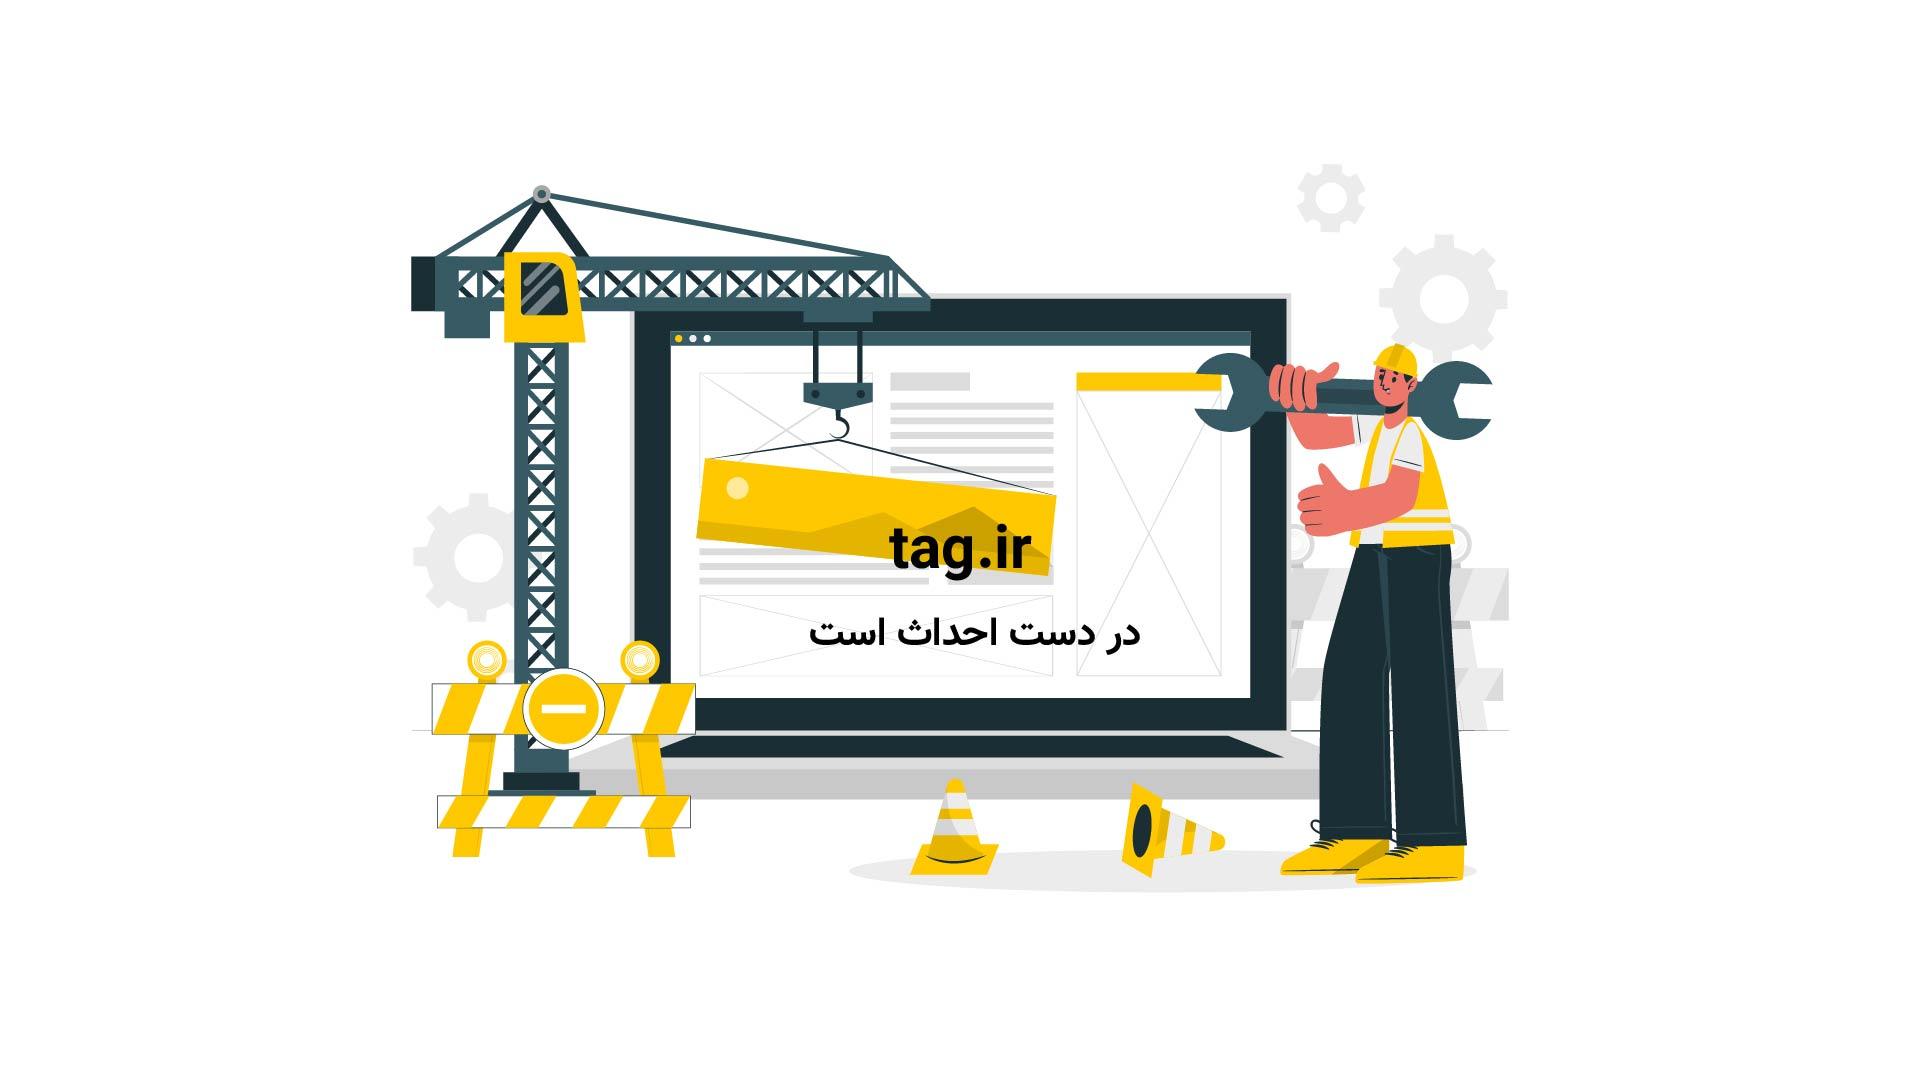 توصیه به اقدام سریعتر زائران اربعین برای تهیه بلیت قطار | فیلم